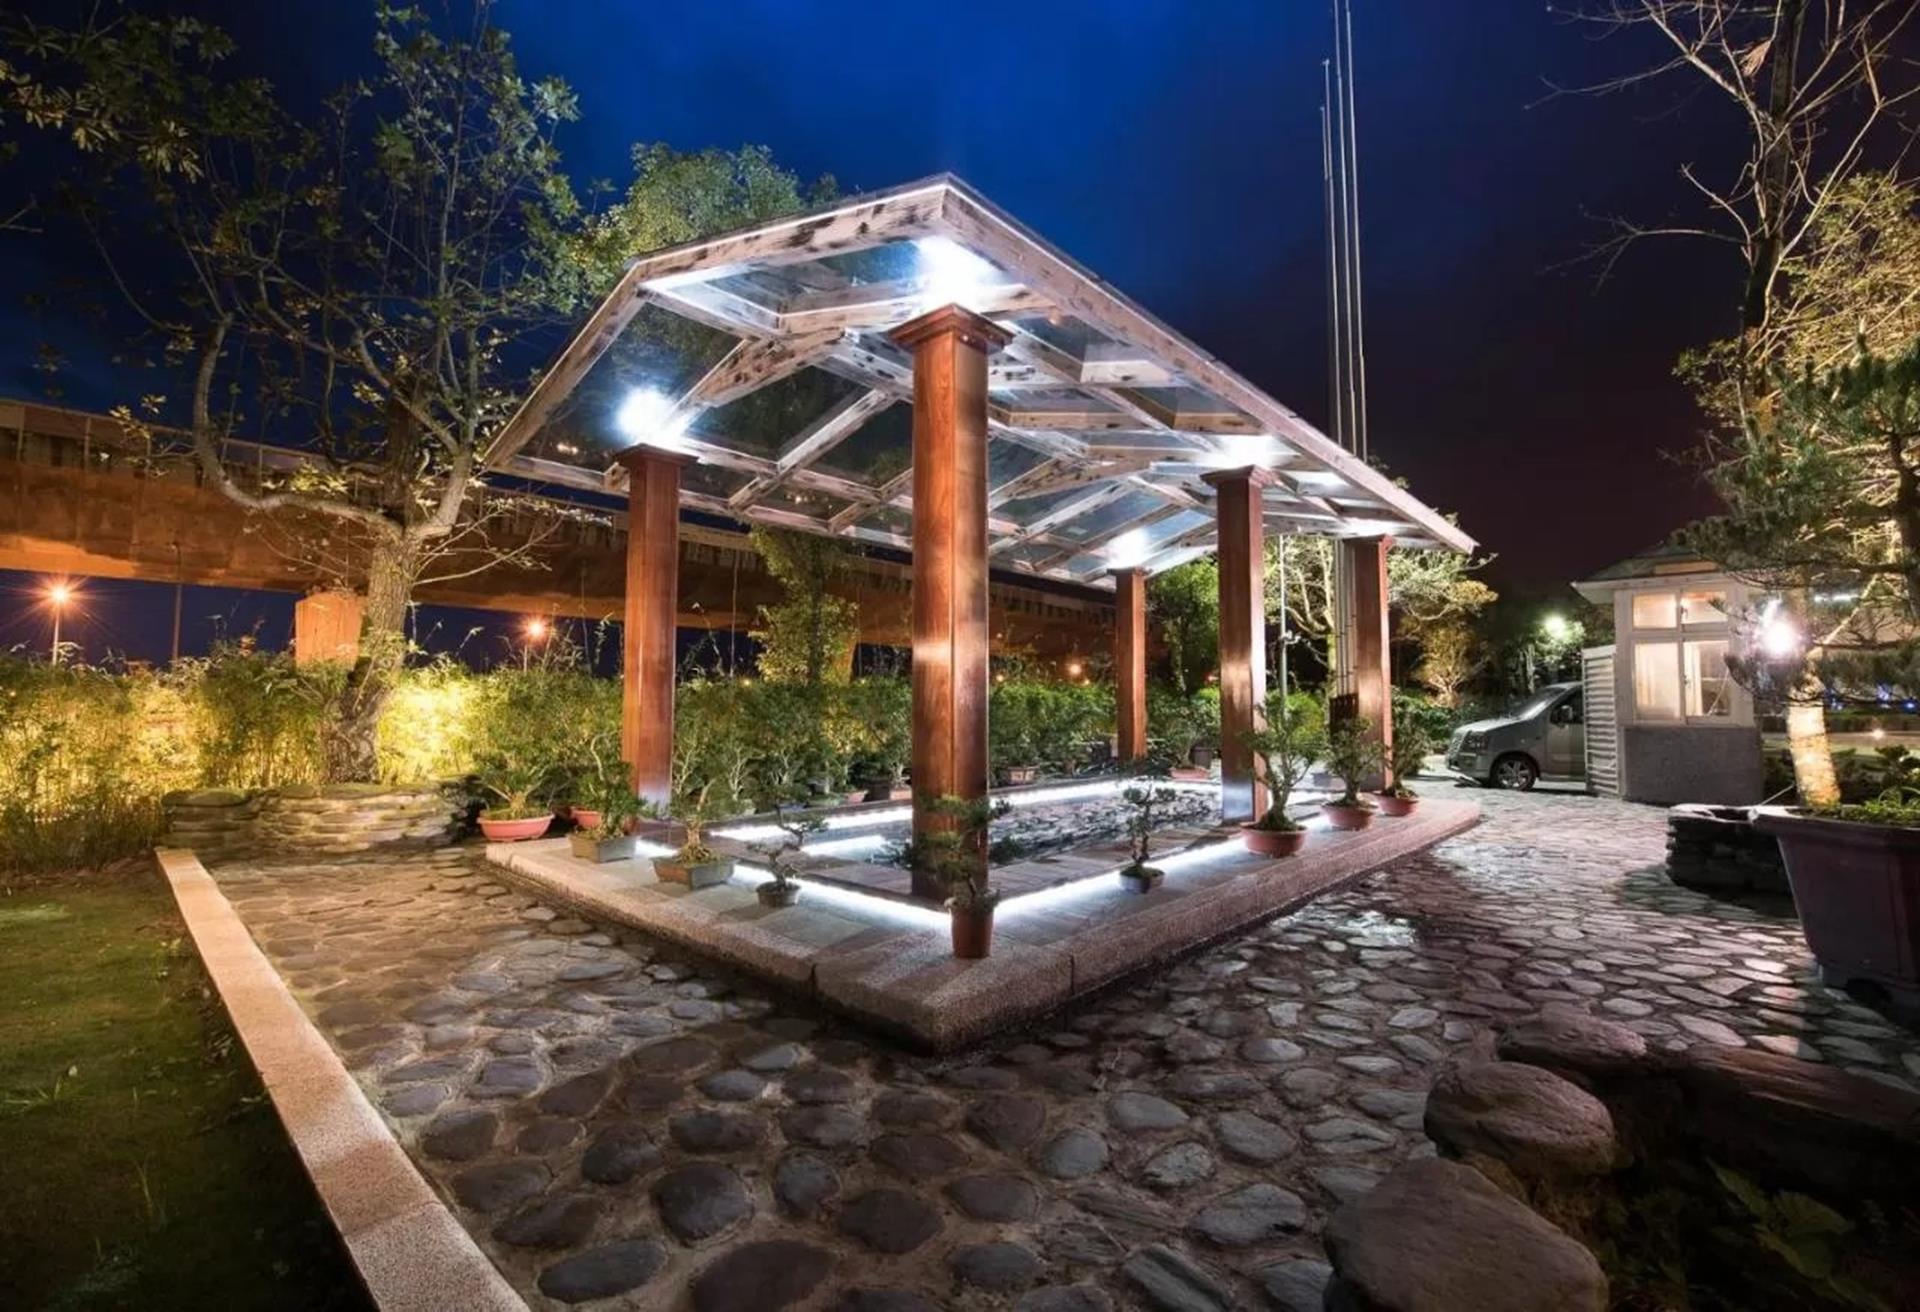 宜蘭親子飯店 山多利大飯店 宜蘭礁溪親子度假村 親子溫泉旅館